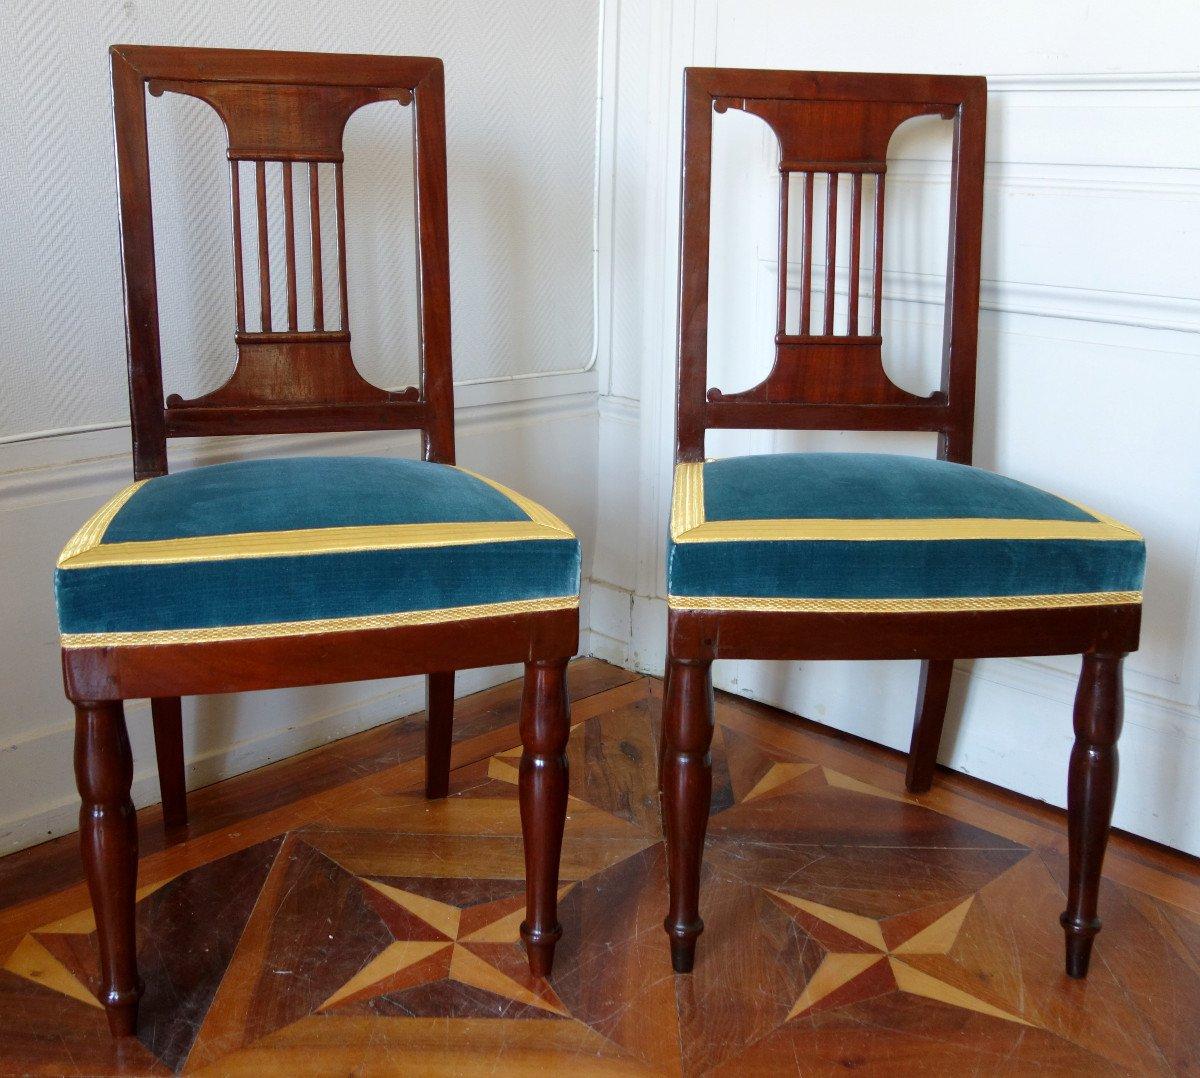 Paire De Chaises Par Jacob Pour Louis Philippe Au Chateau De Bizy - Estampilles Et Marques  Feu-photo-2